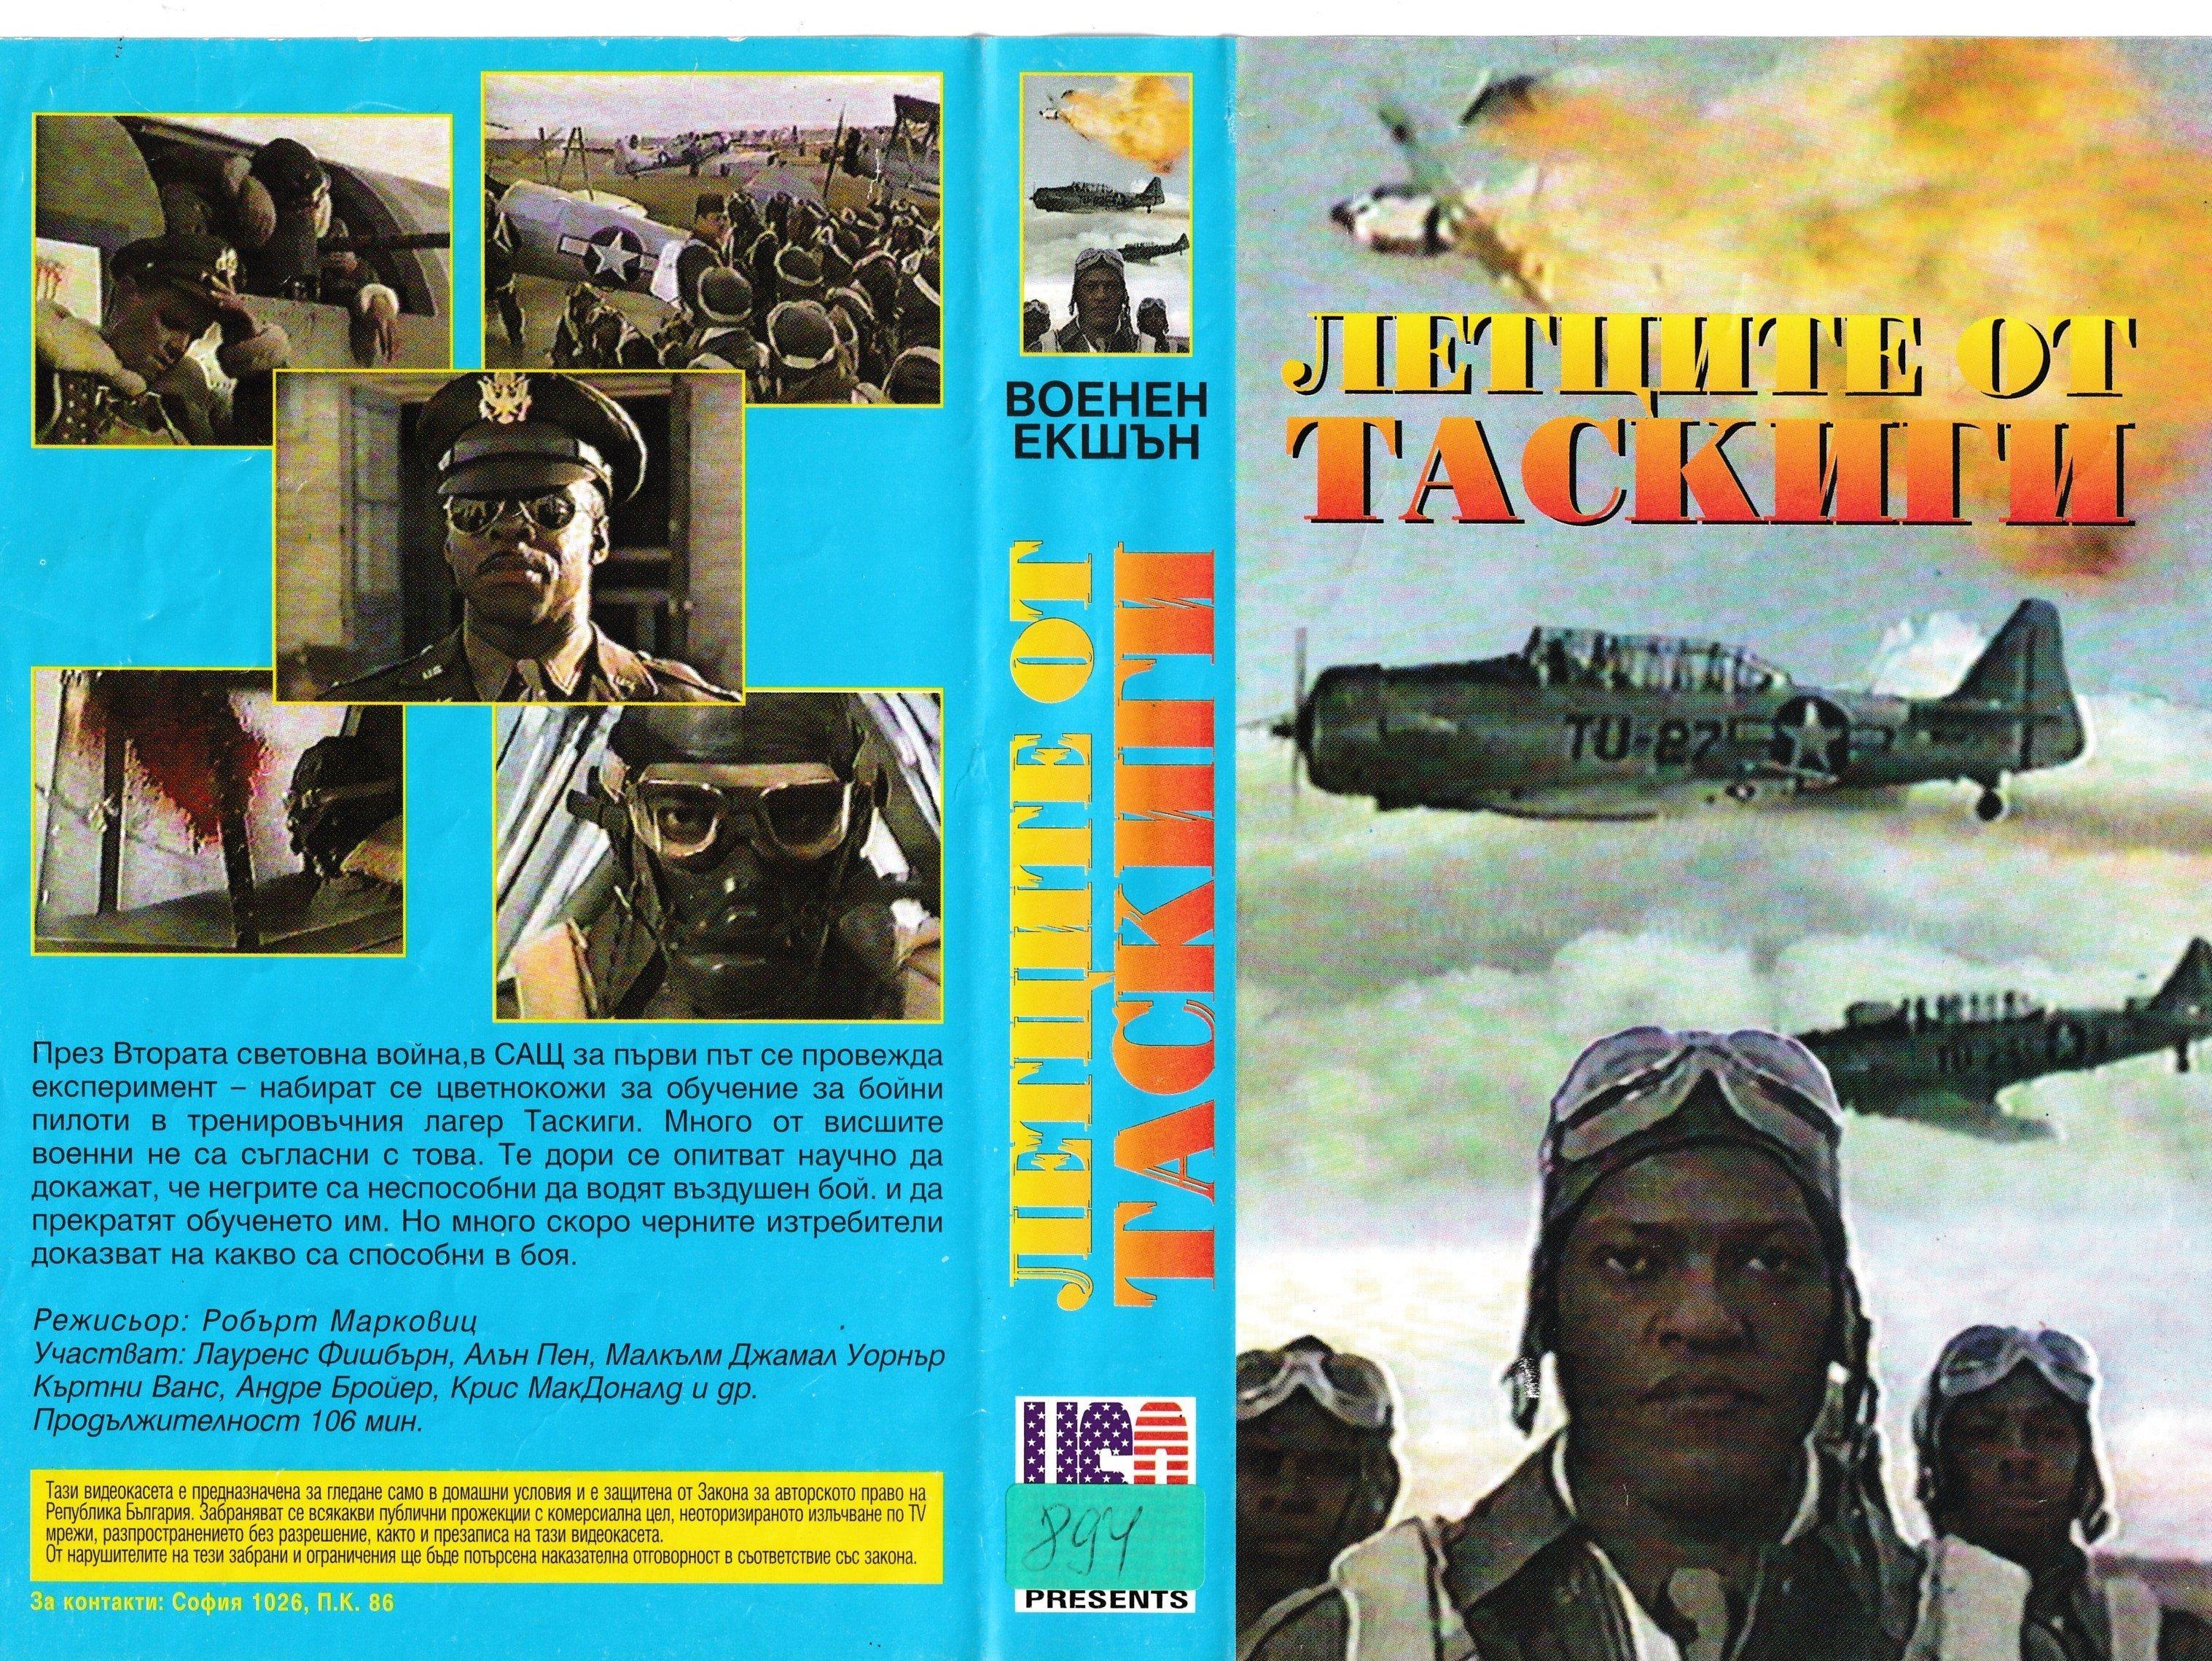 Летците от Таскиги филм